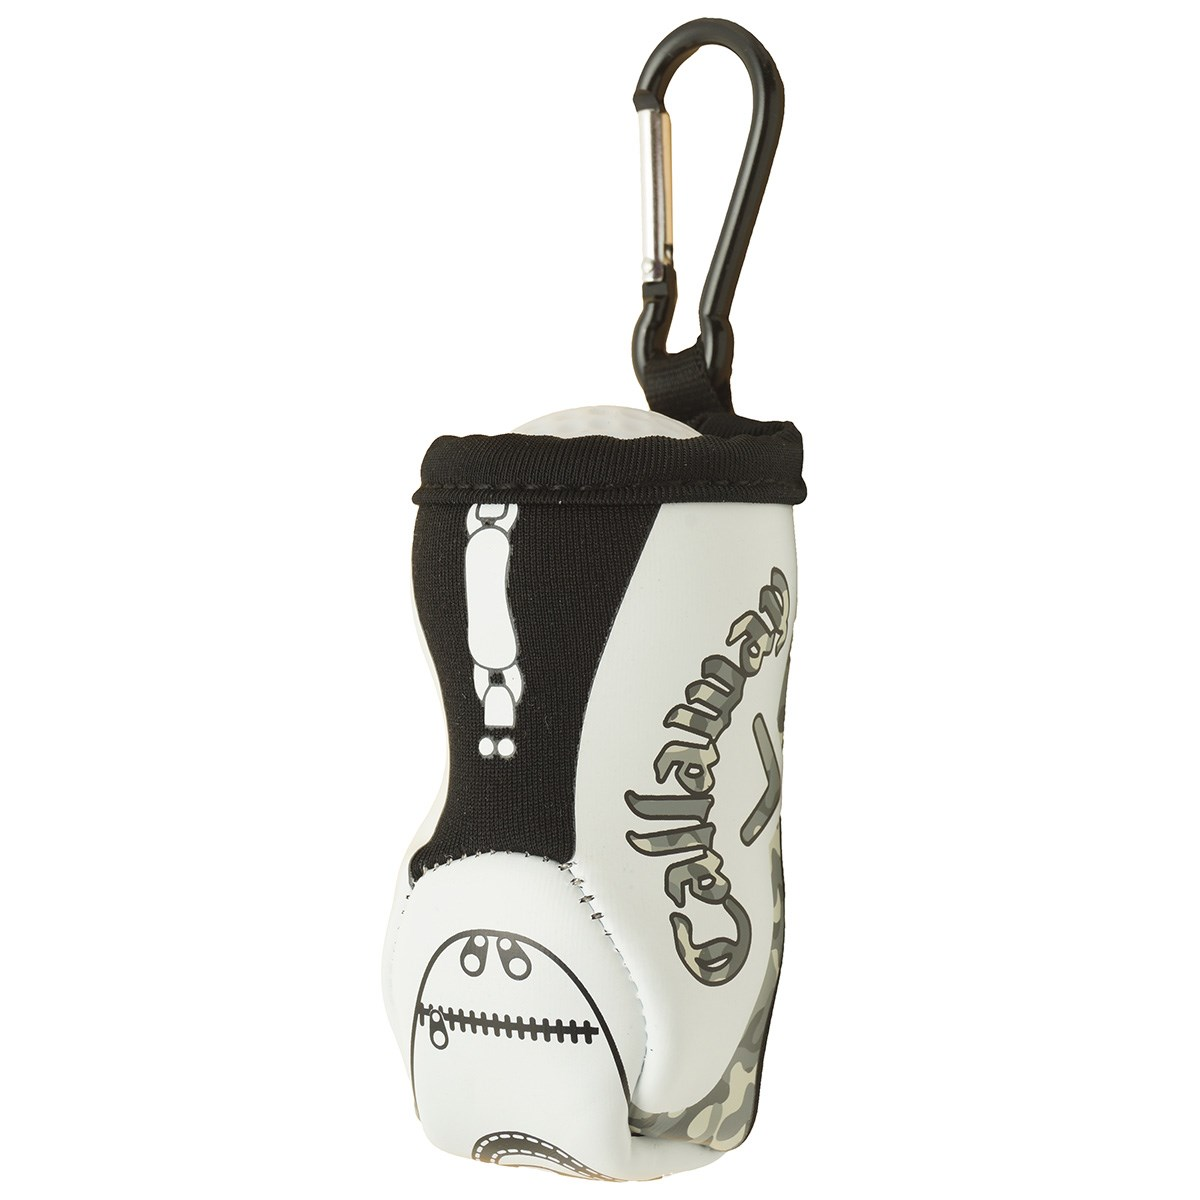 キャロウェイゴルフ(Callaway Golf) SPORT GB MOTIF BL ボールケース 17JM